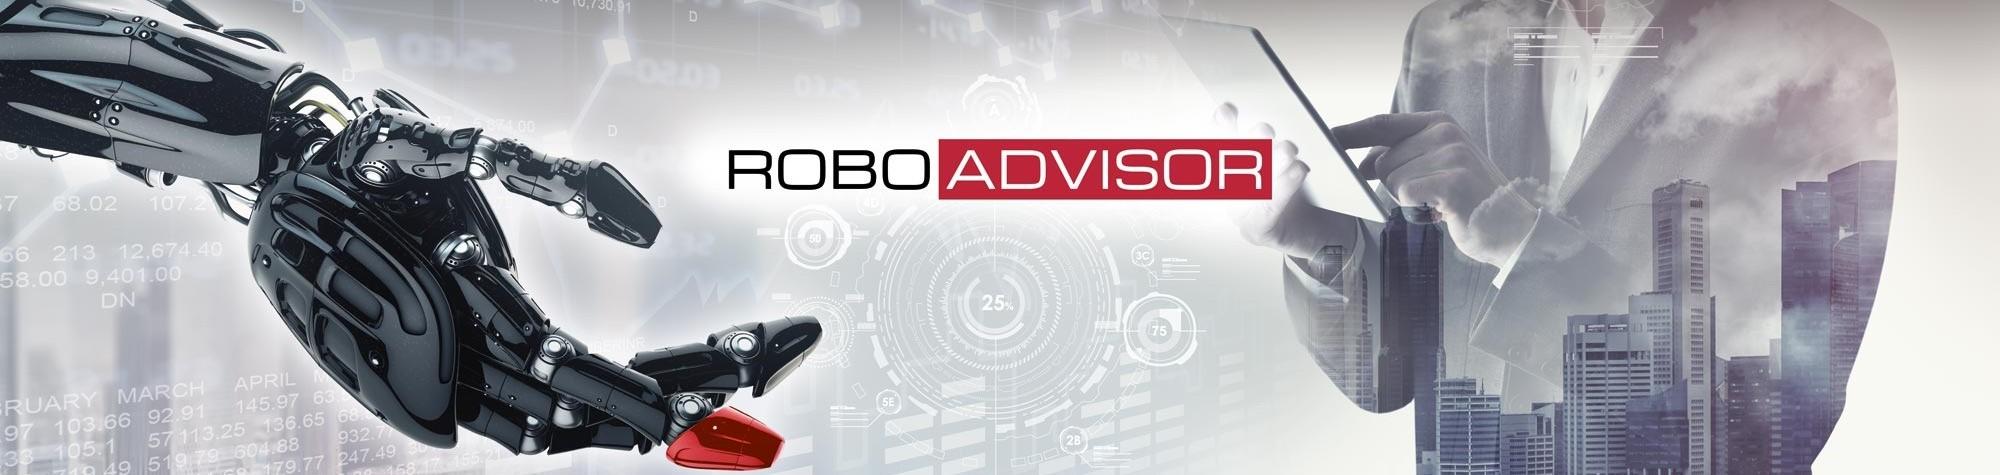 robo-advisor-slide